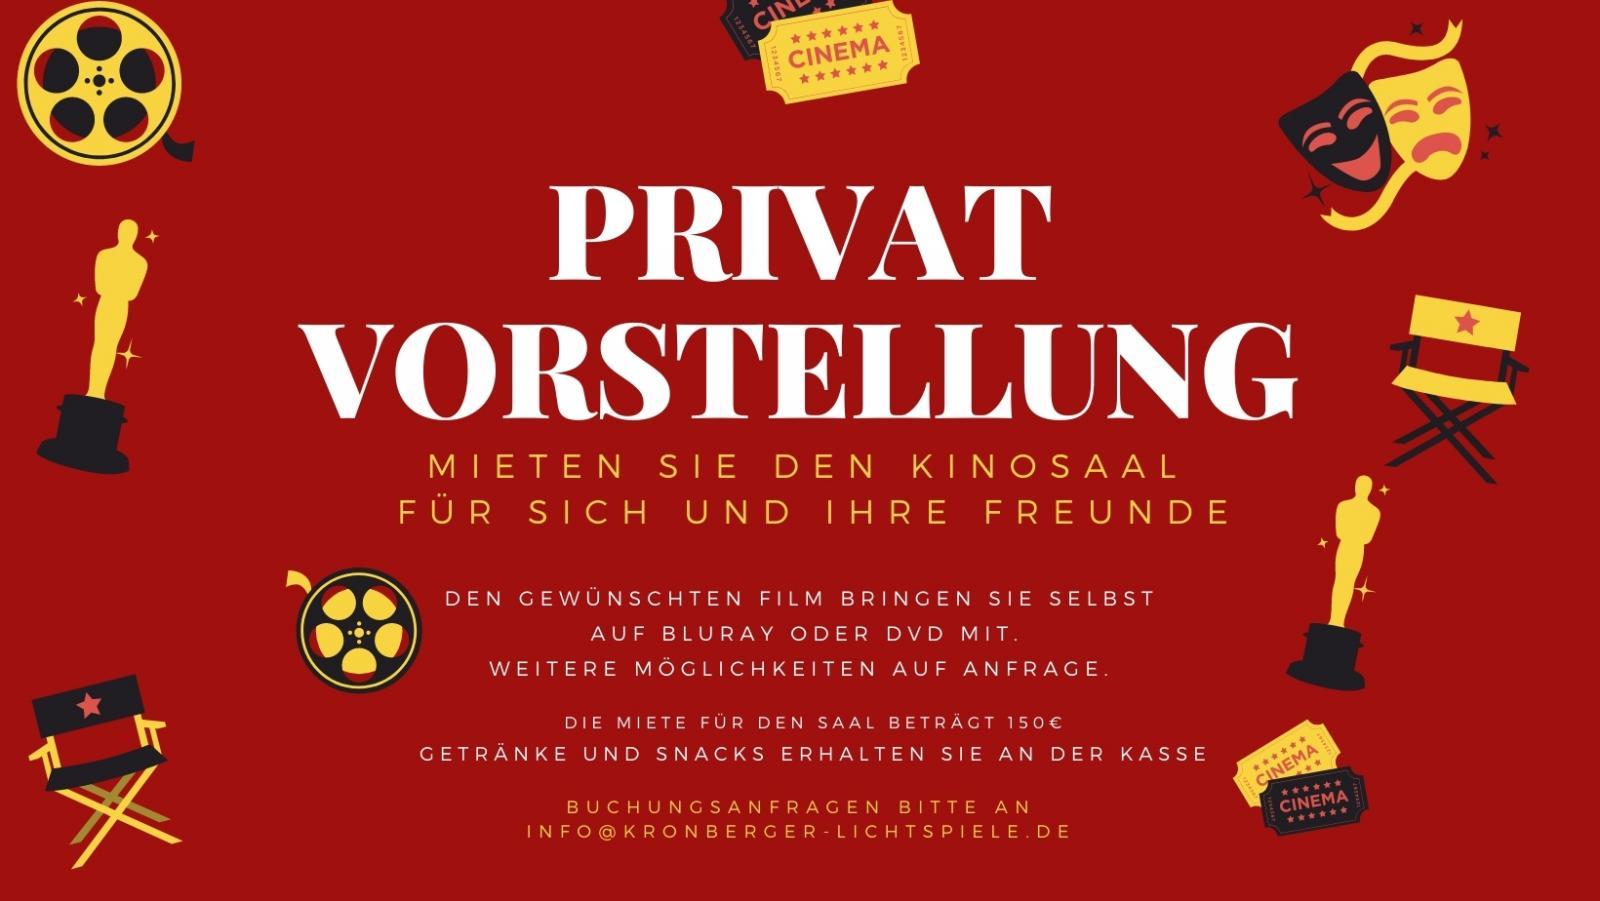 Privatvorstellung